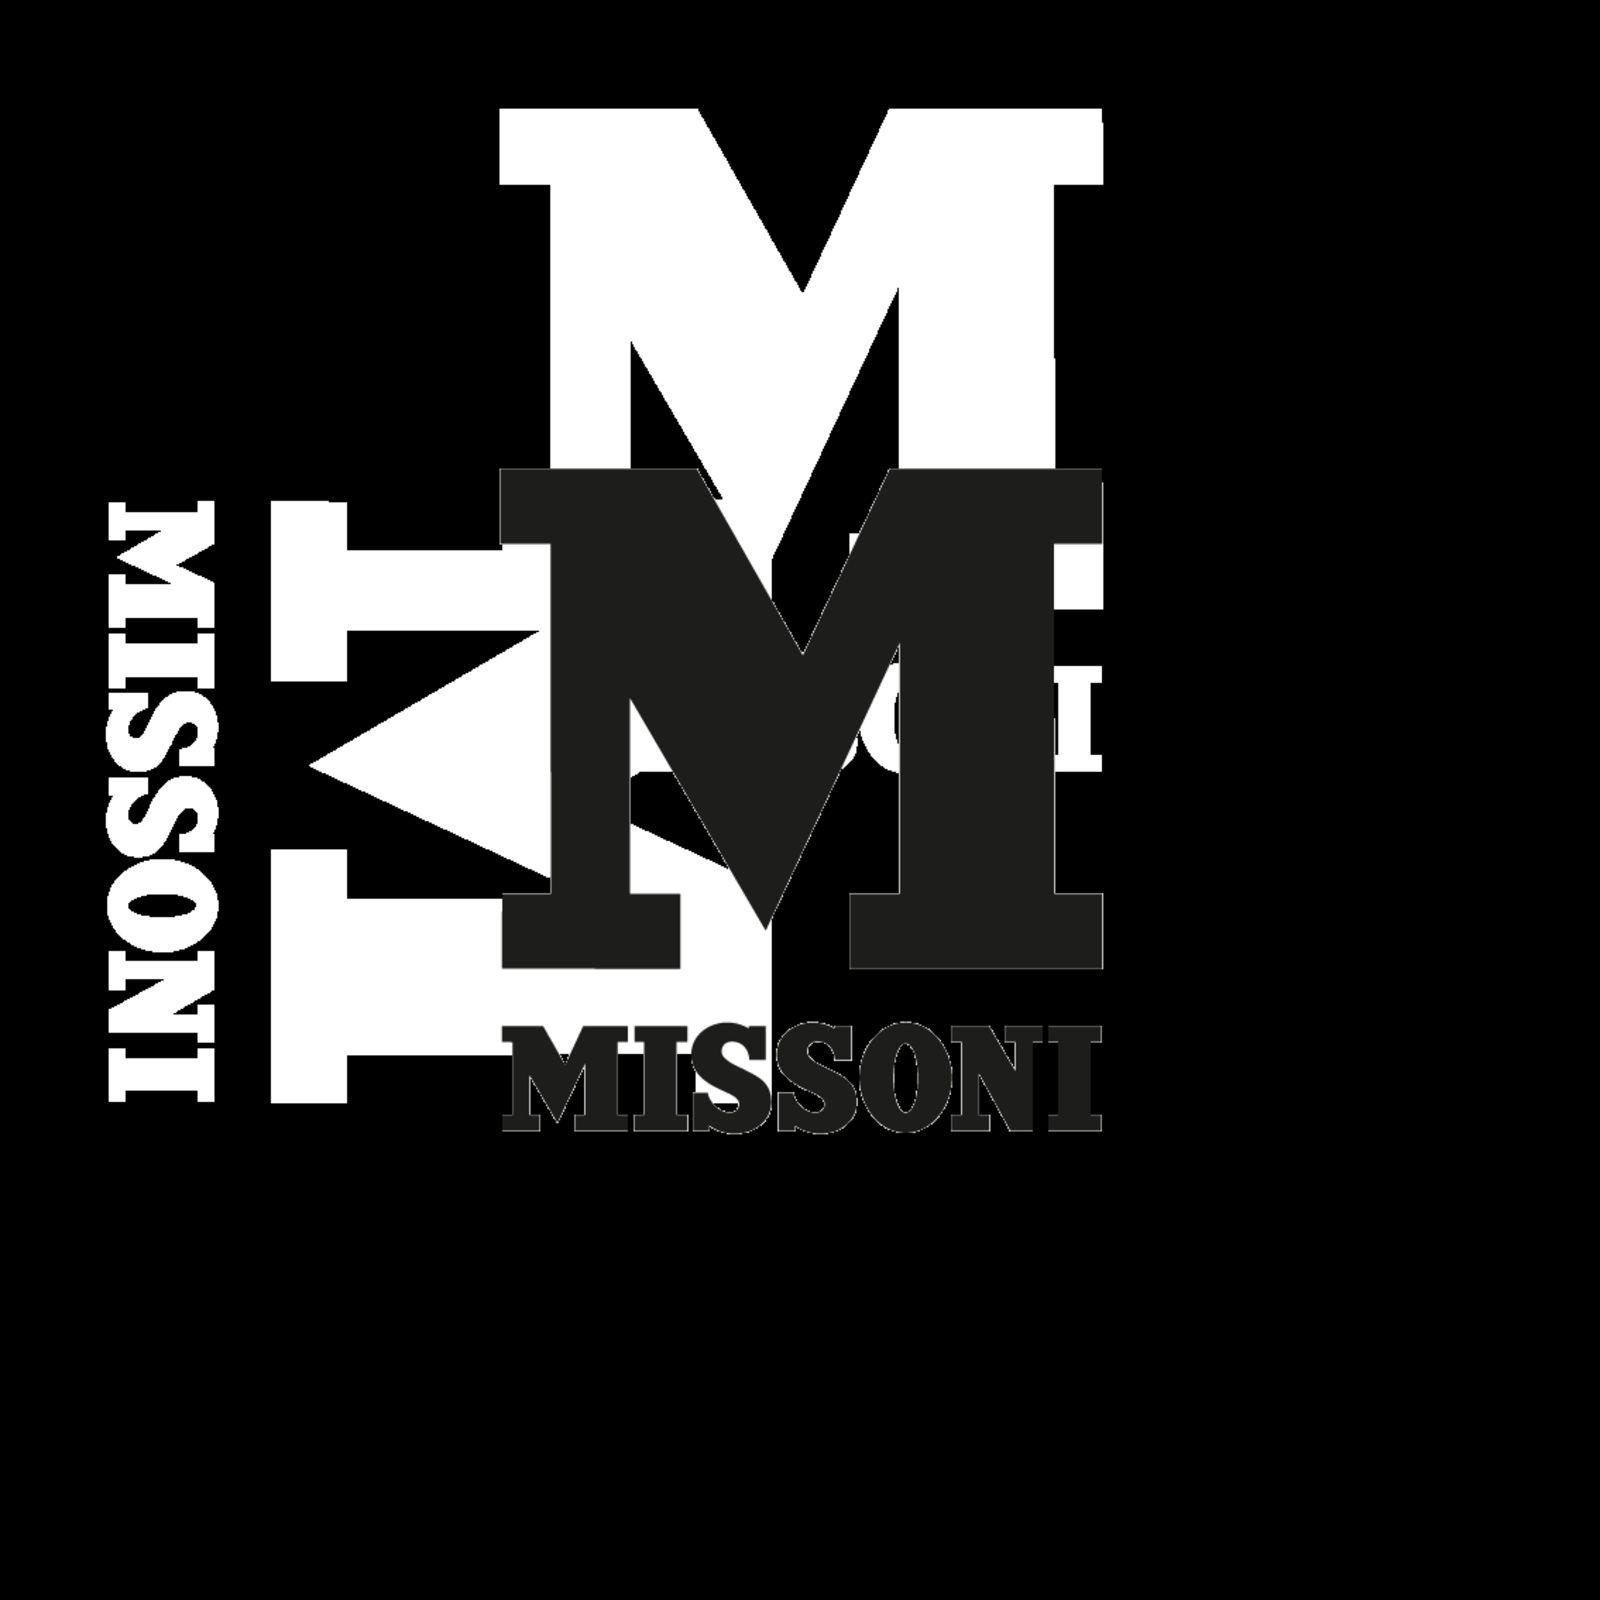 M MISSONI (Image 1)